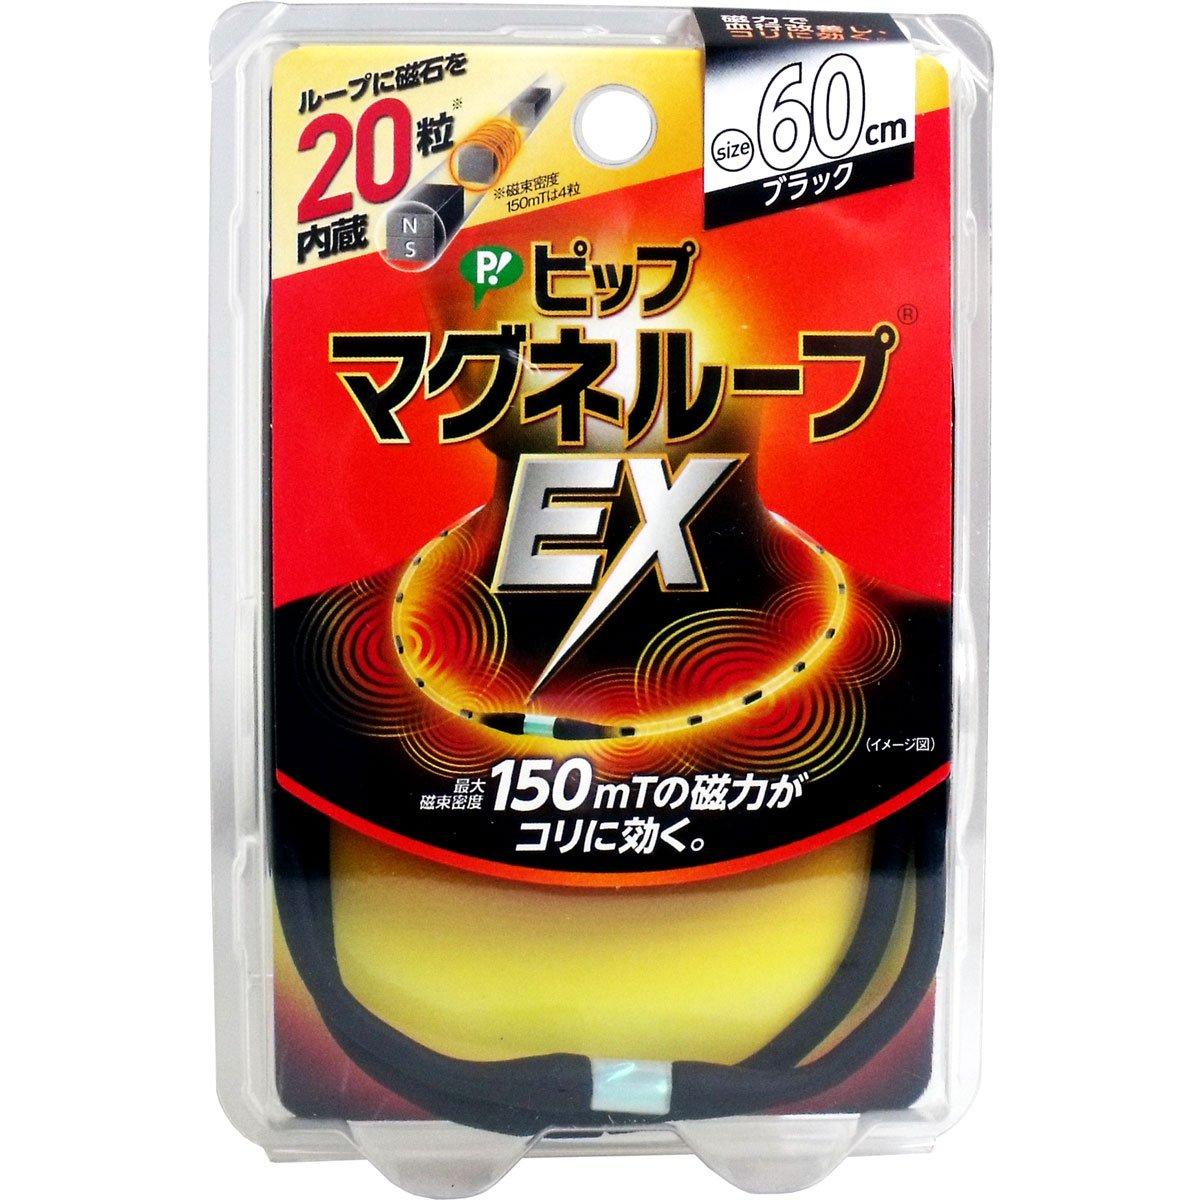 【ピップ】マグネループEX 高磁力タイプ ブラック 60cm ×20個セット B00XTAQCSM